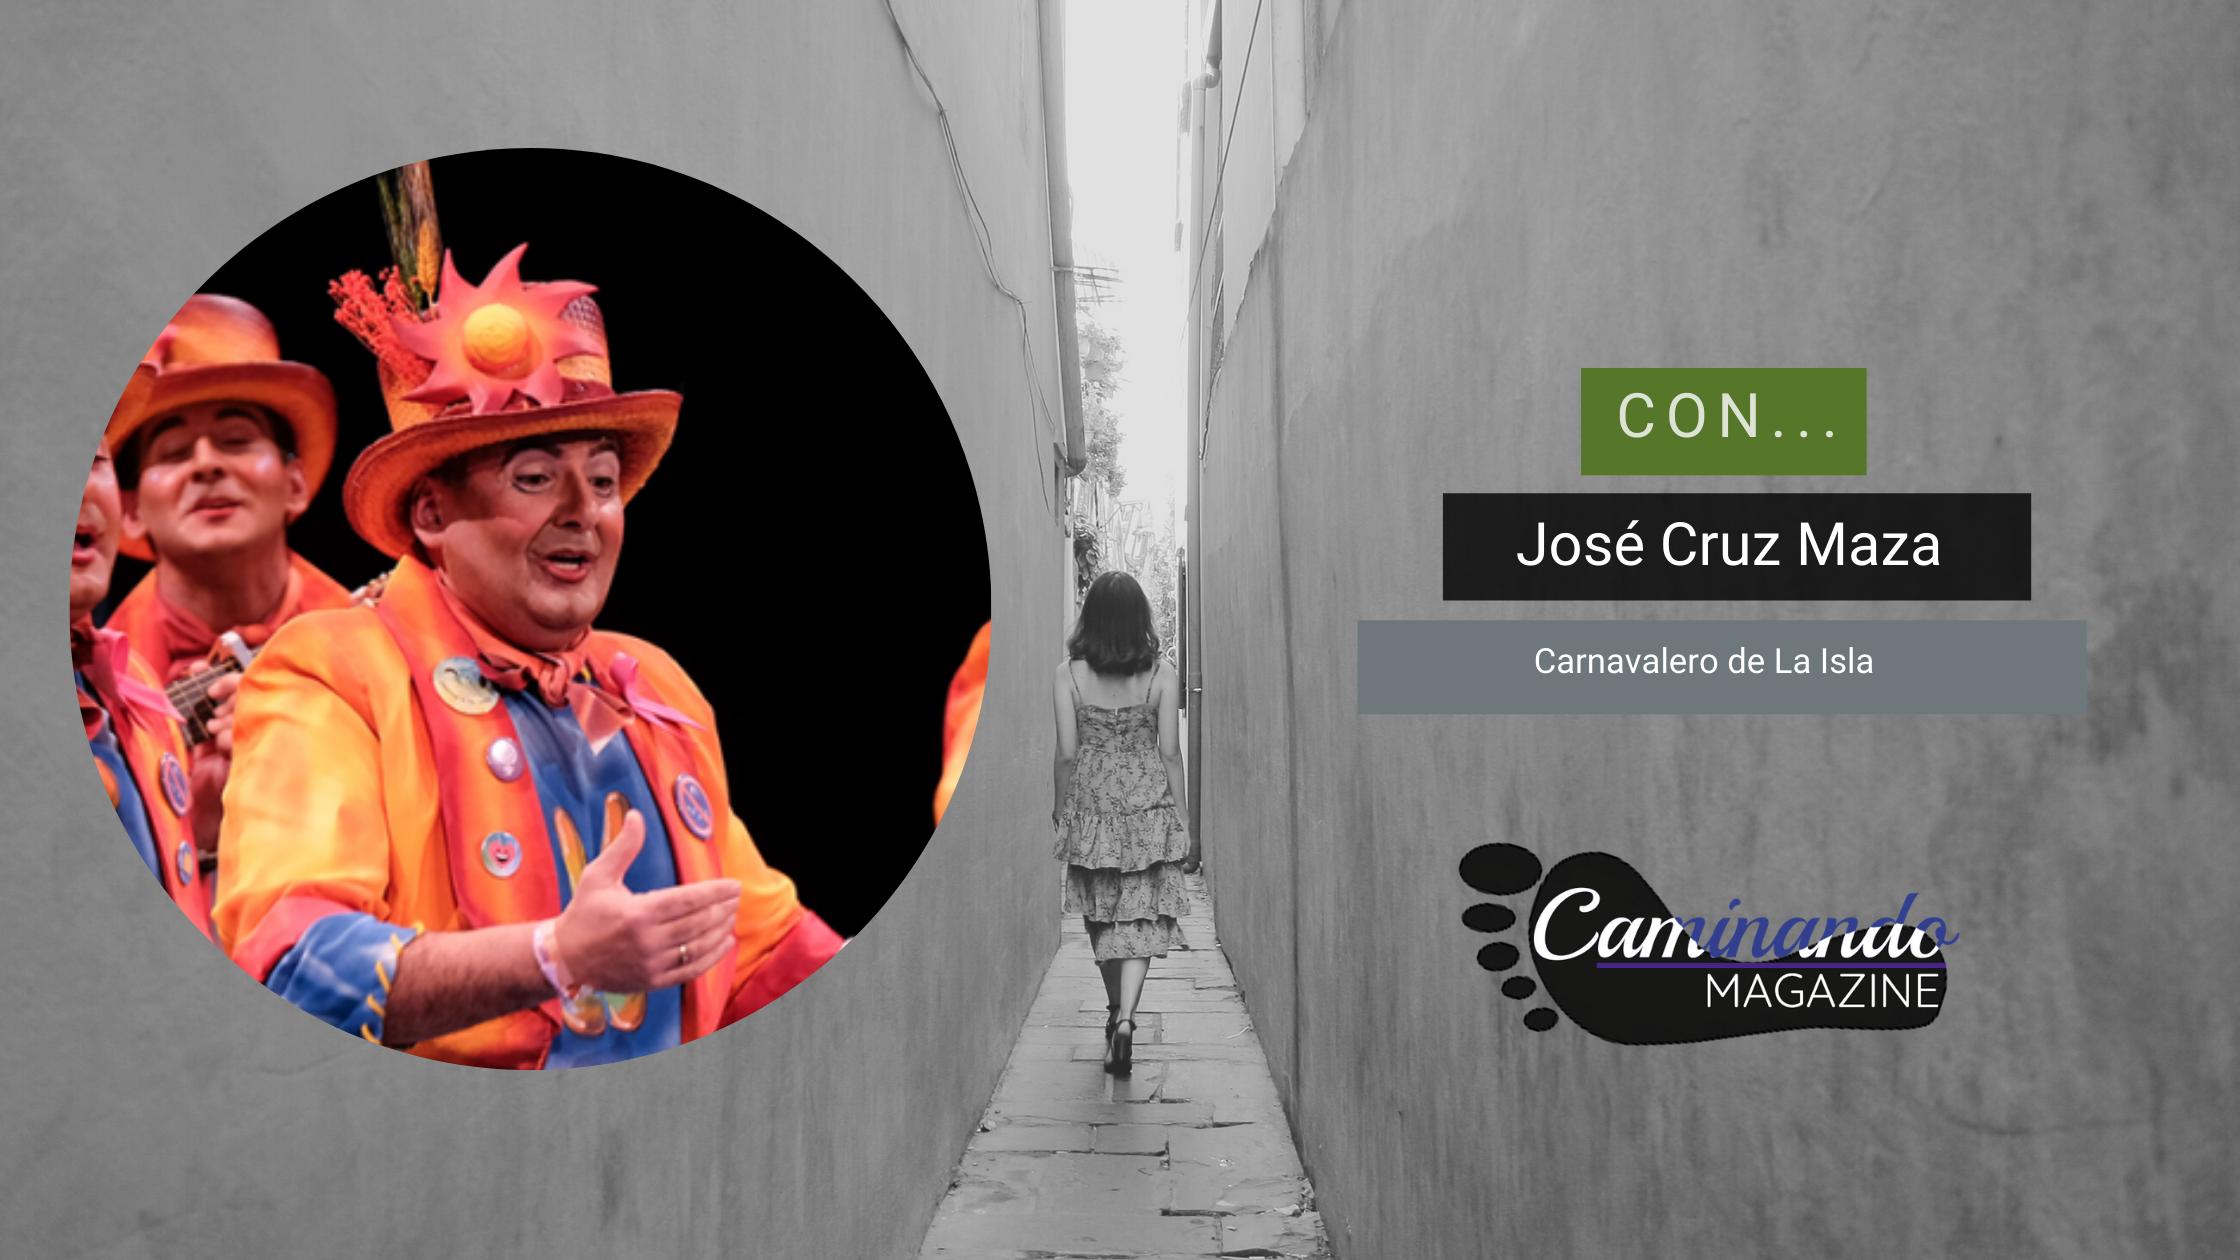 José Cruz Maza, Carnavalero de La Isla en el Magazine Caminando (11 febrero 2021)